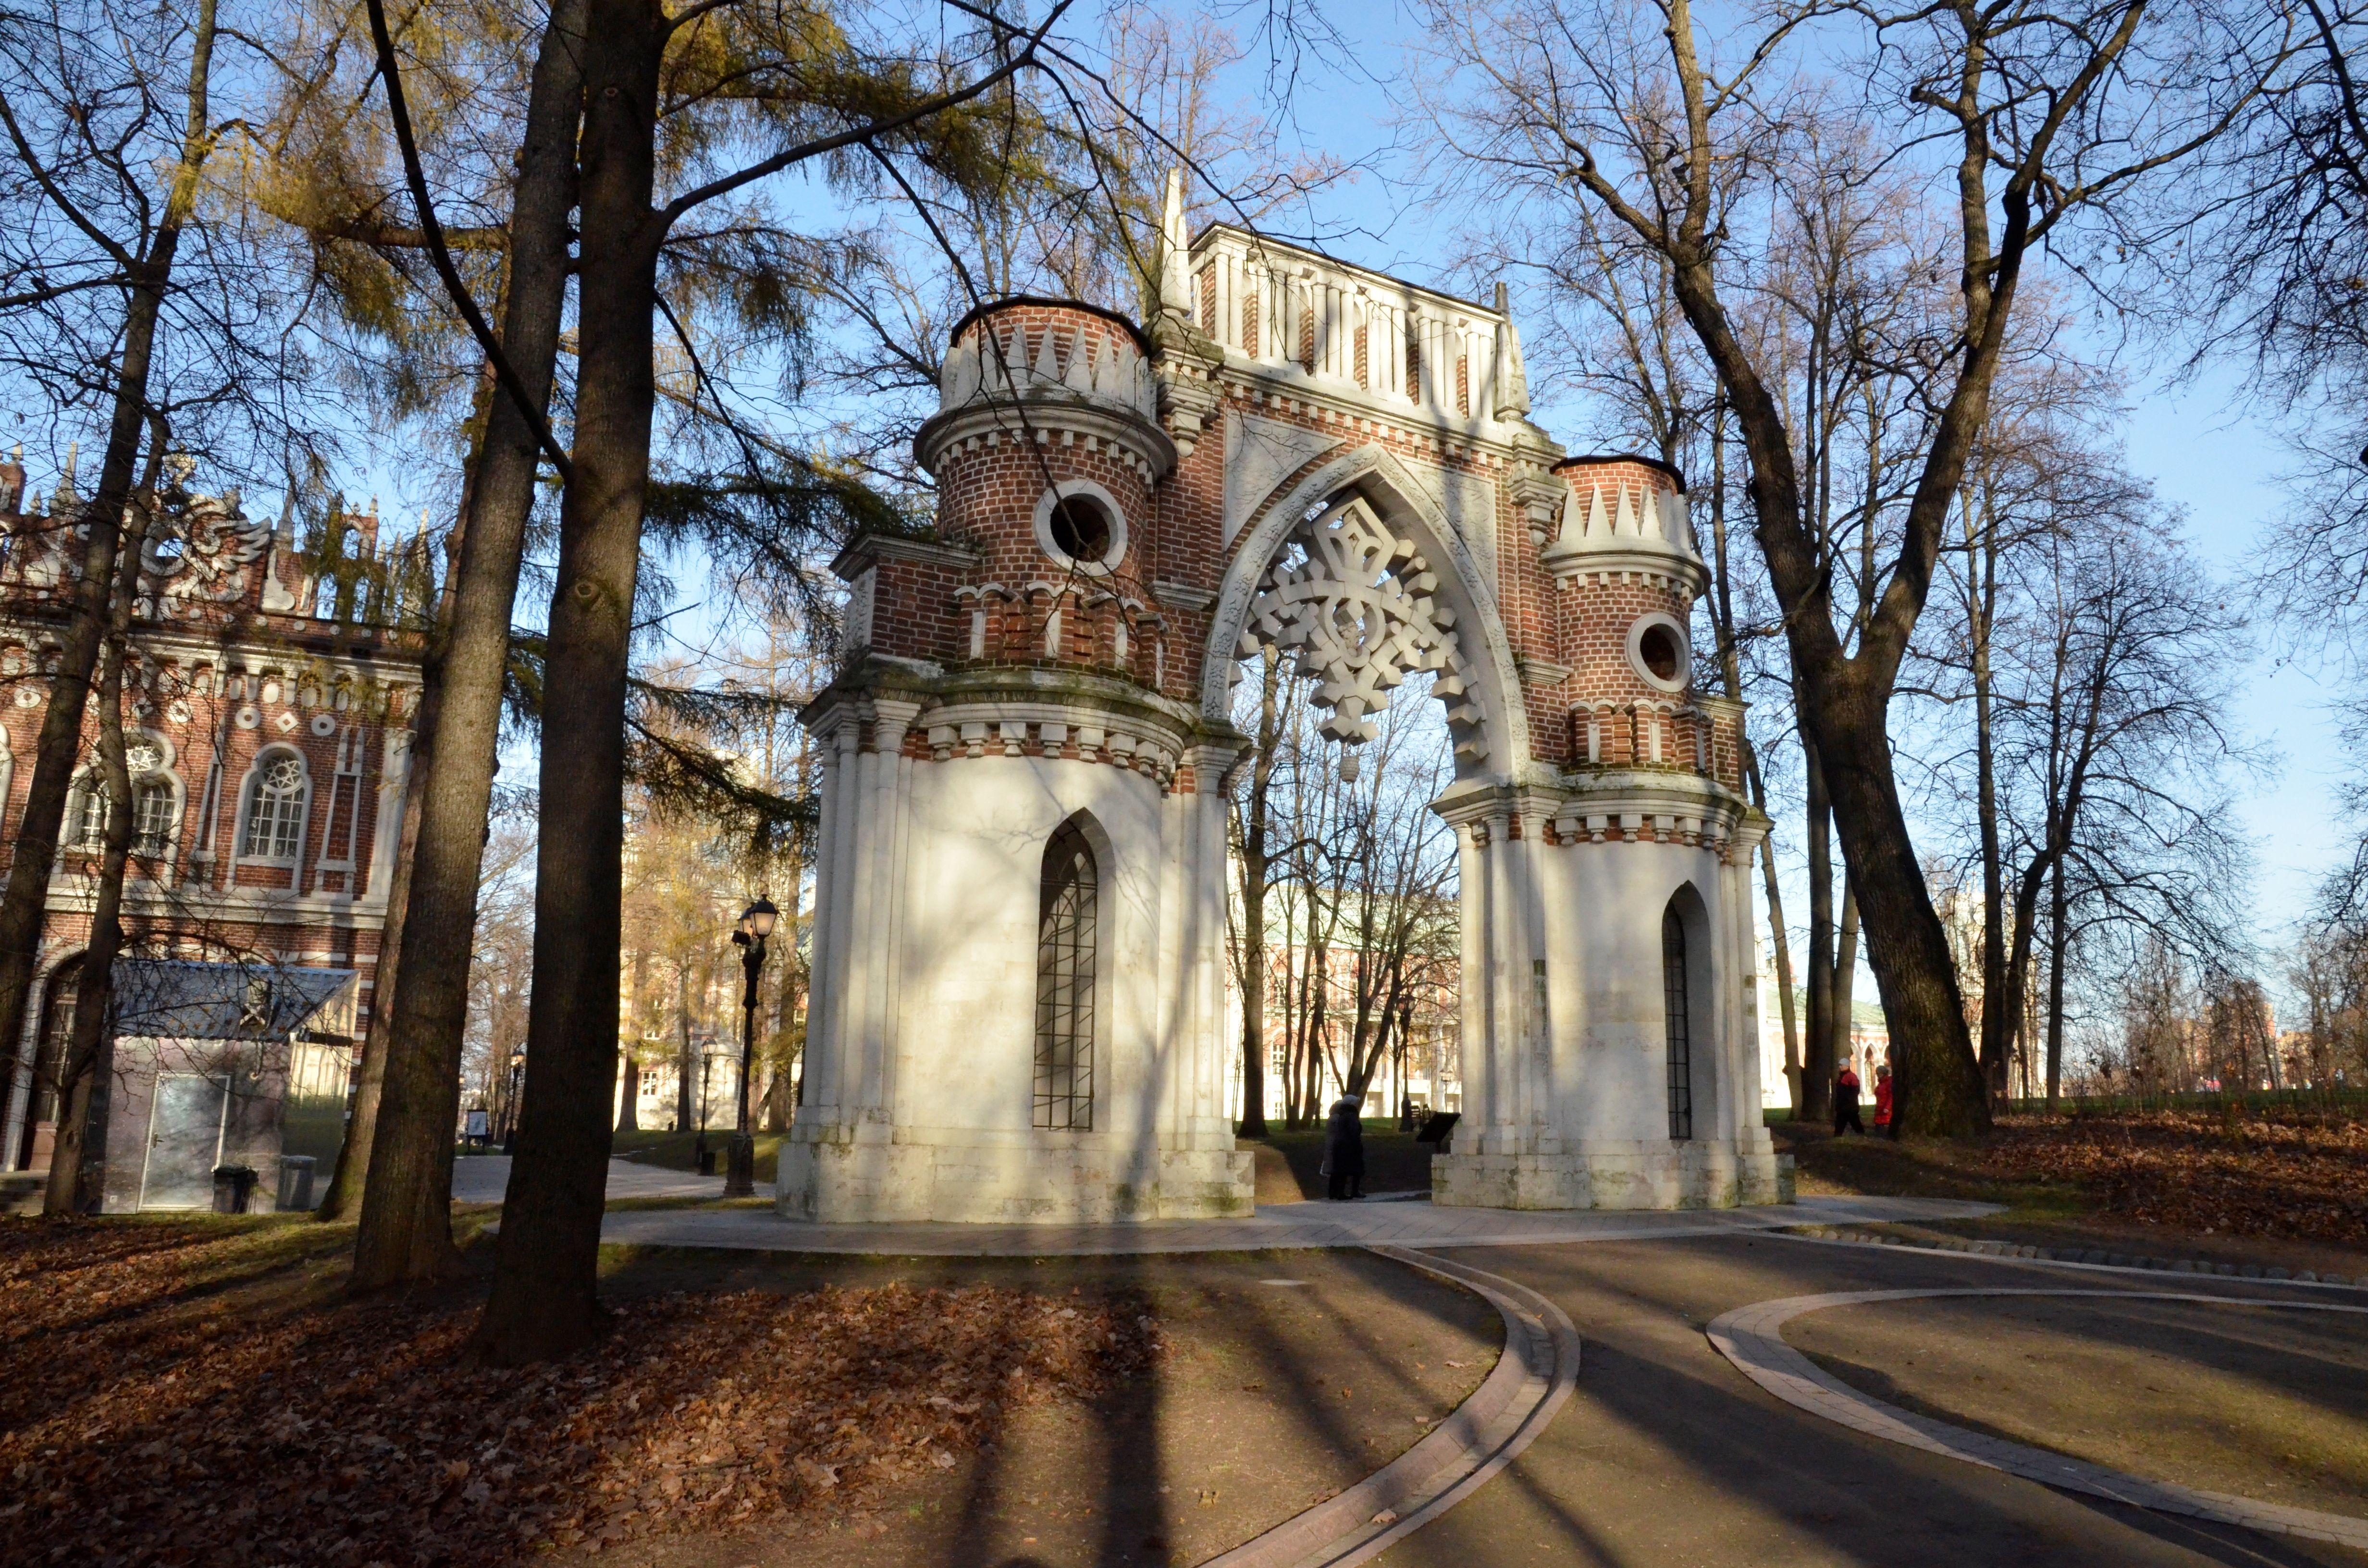 Экскурсии и мастер-классы: сотрудники зеленых зон подготовили для москвичей онлайн-мероприятия